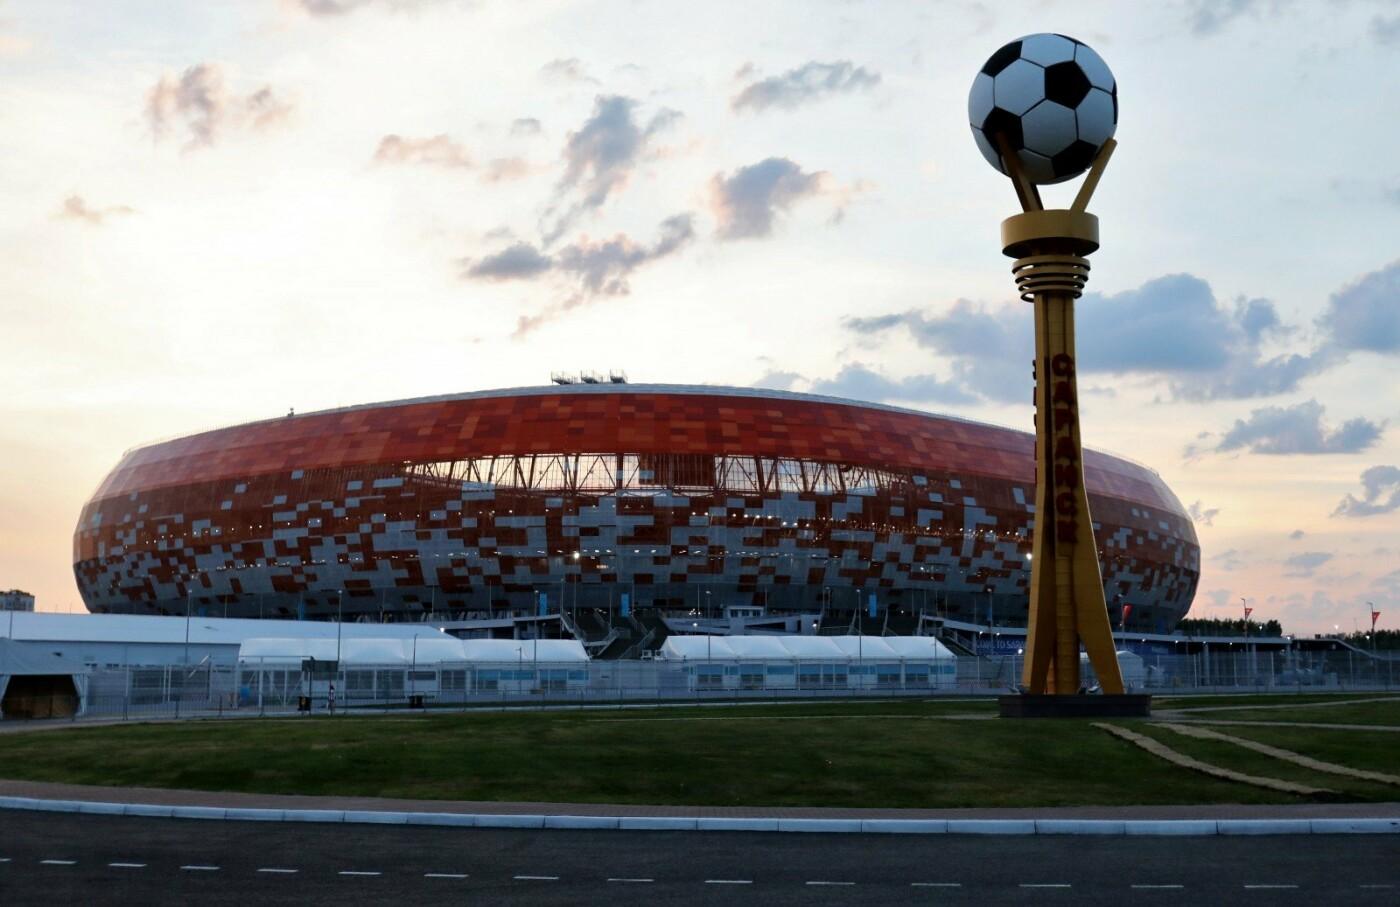 В случае выхода в РПЛ ФК «Тамбов» домашние матчи может проводить в Саранске, фото-1